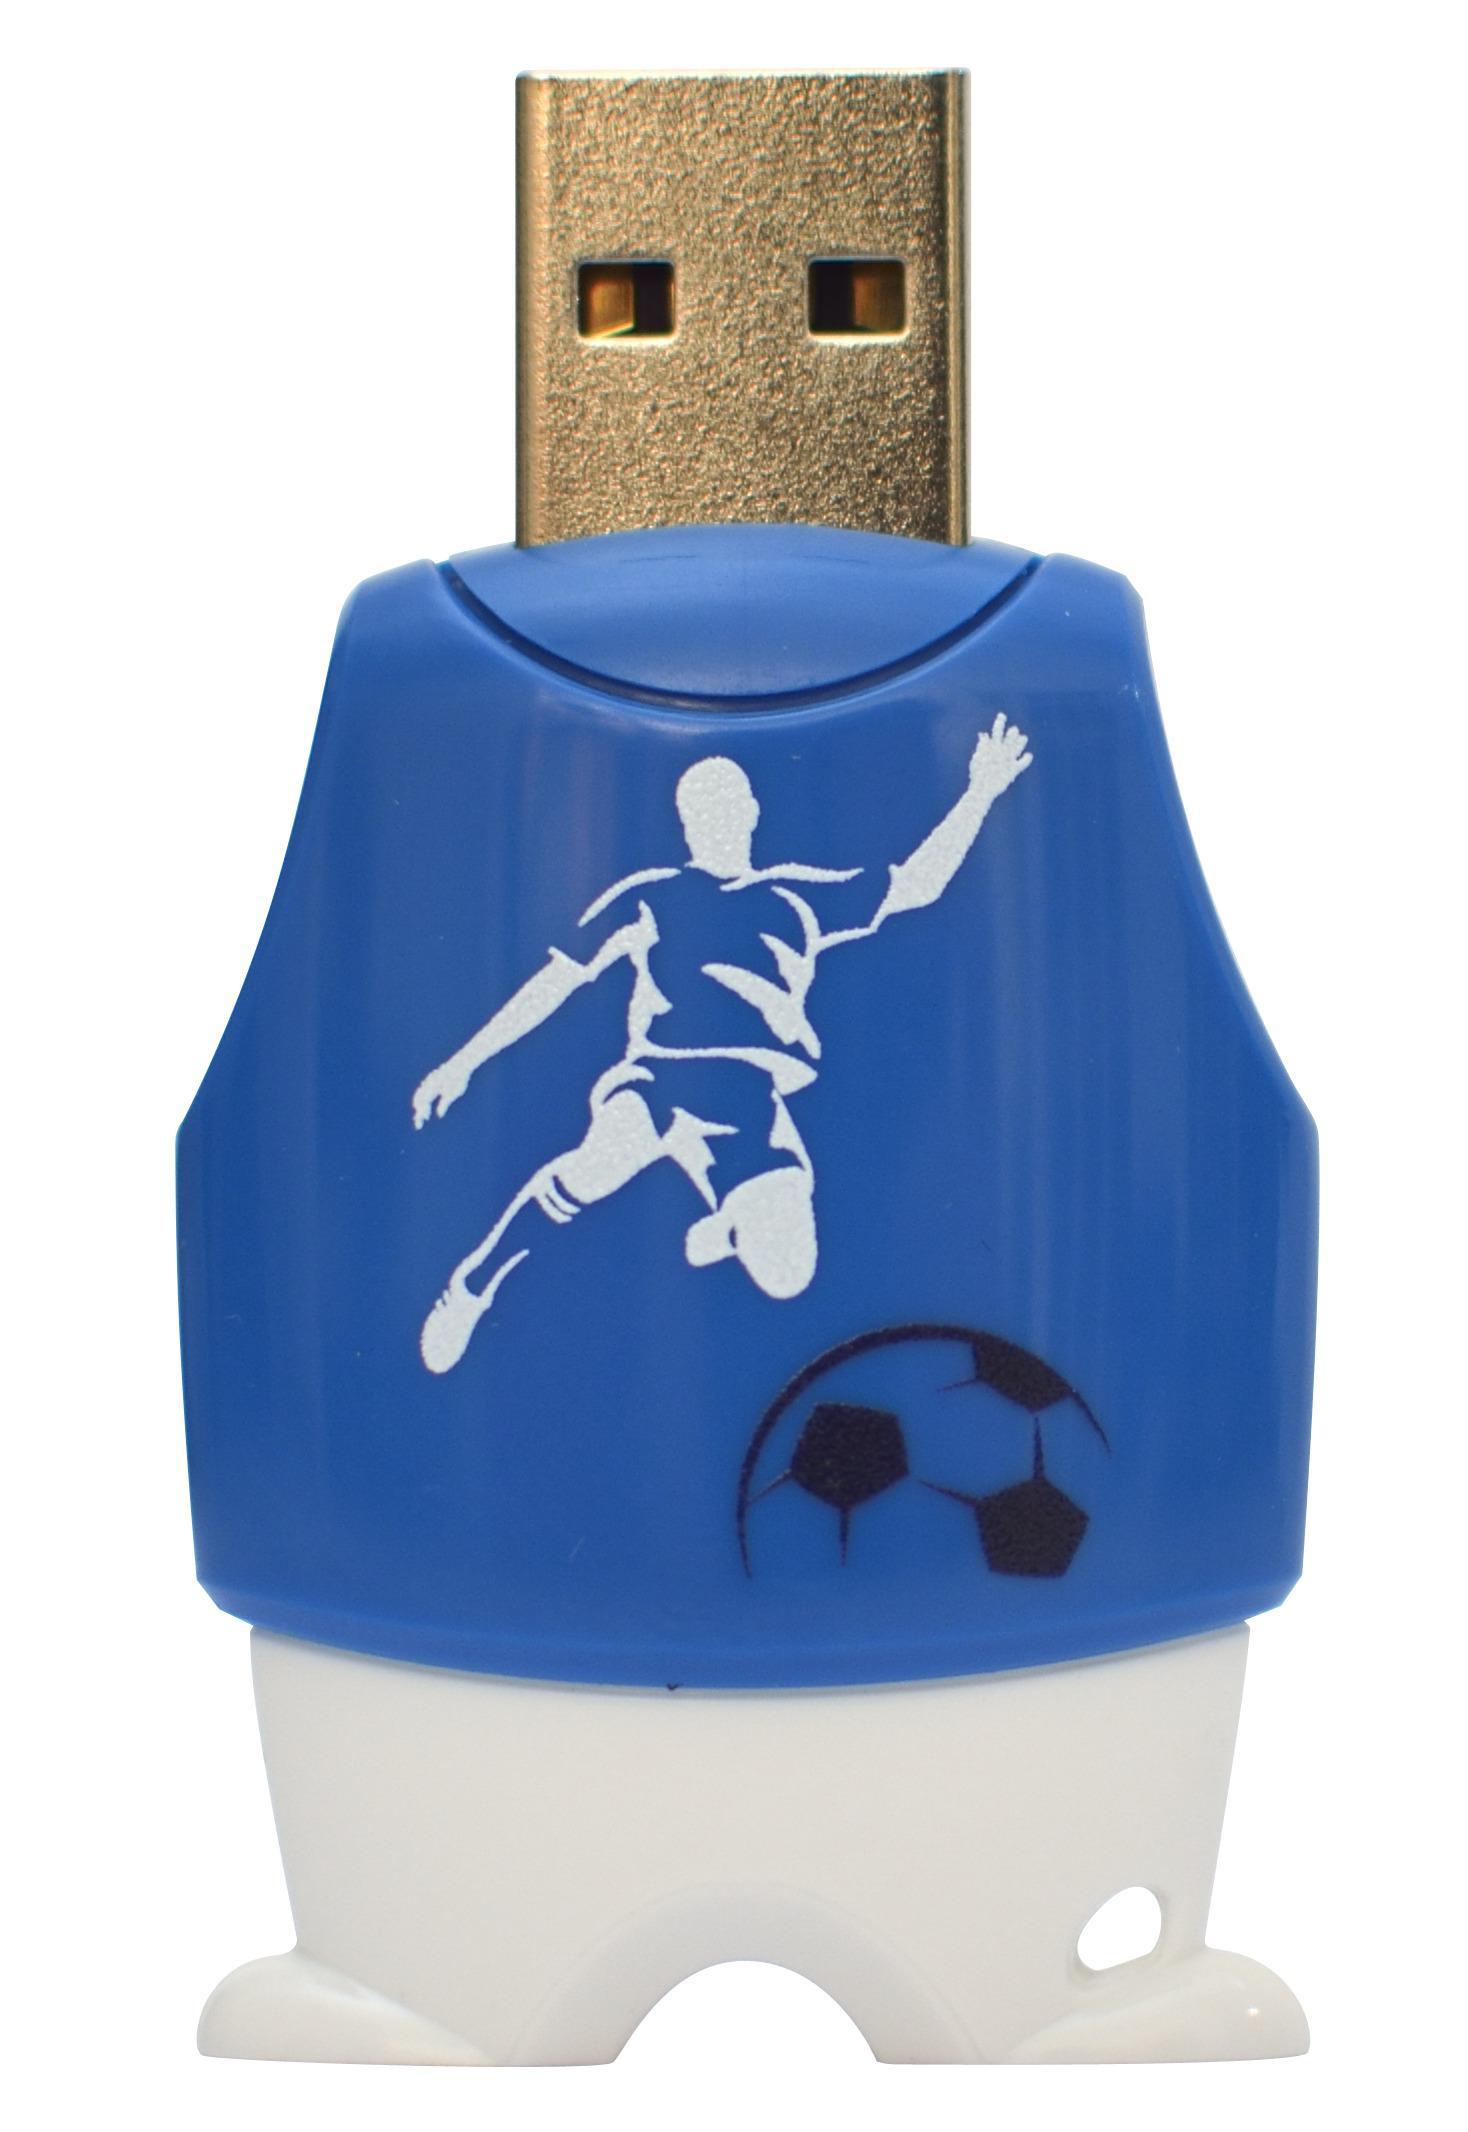 Clé USB 2.0 8Go Flash Drive Foot